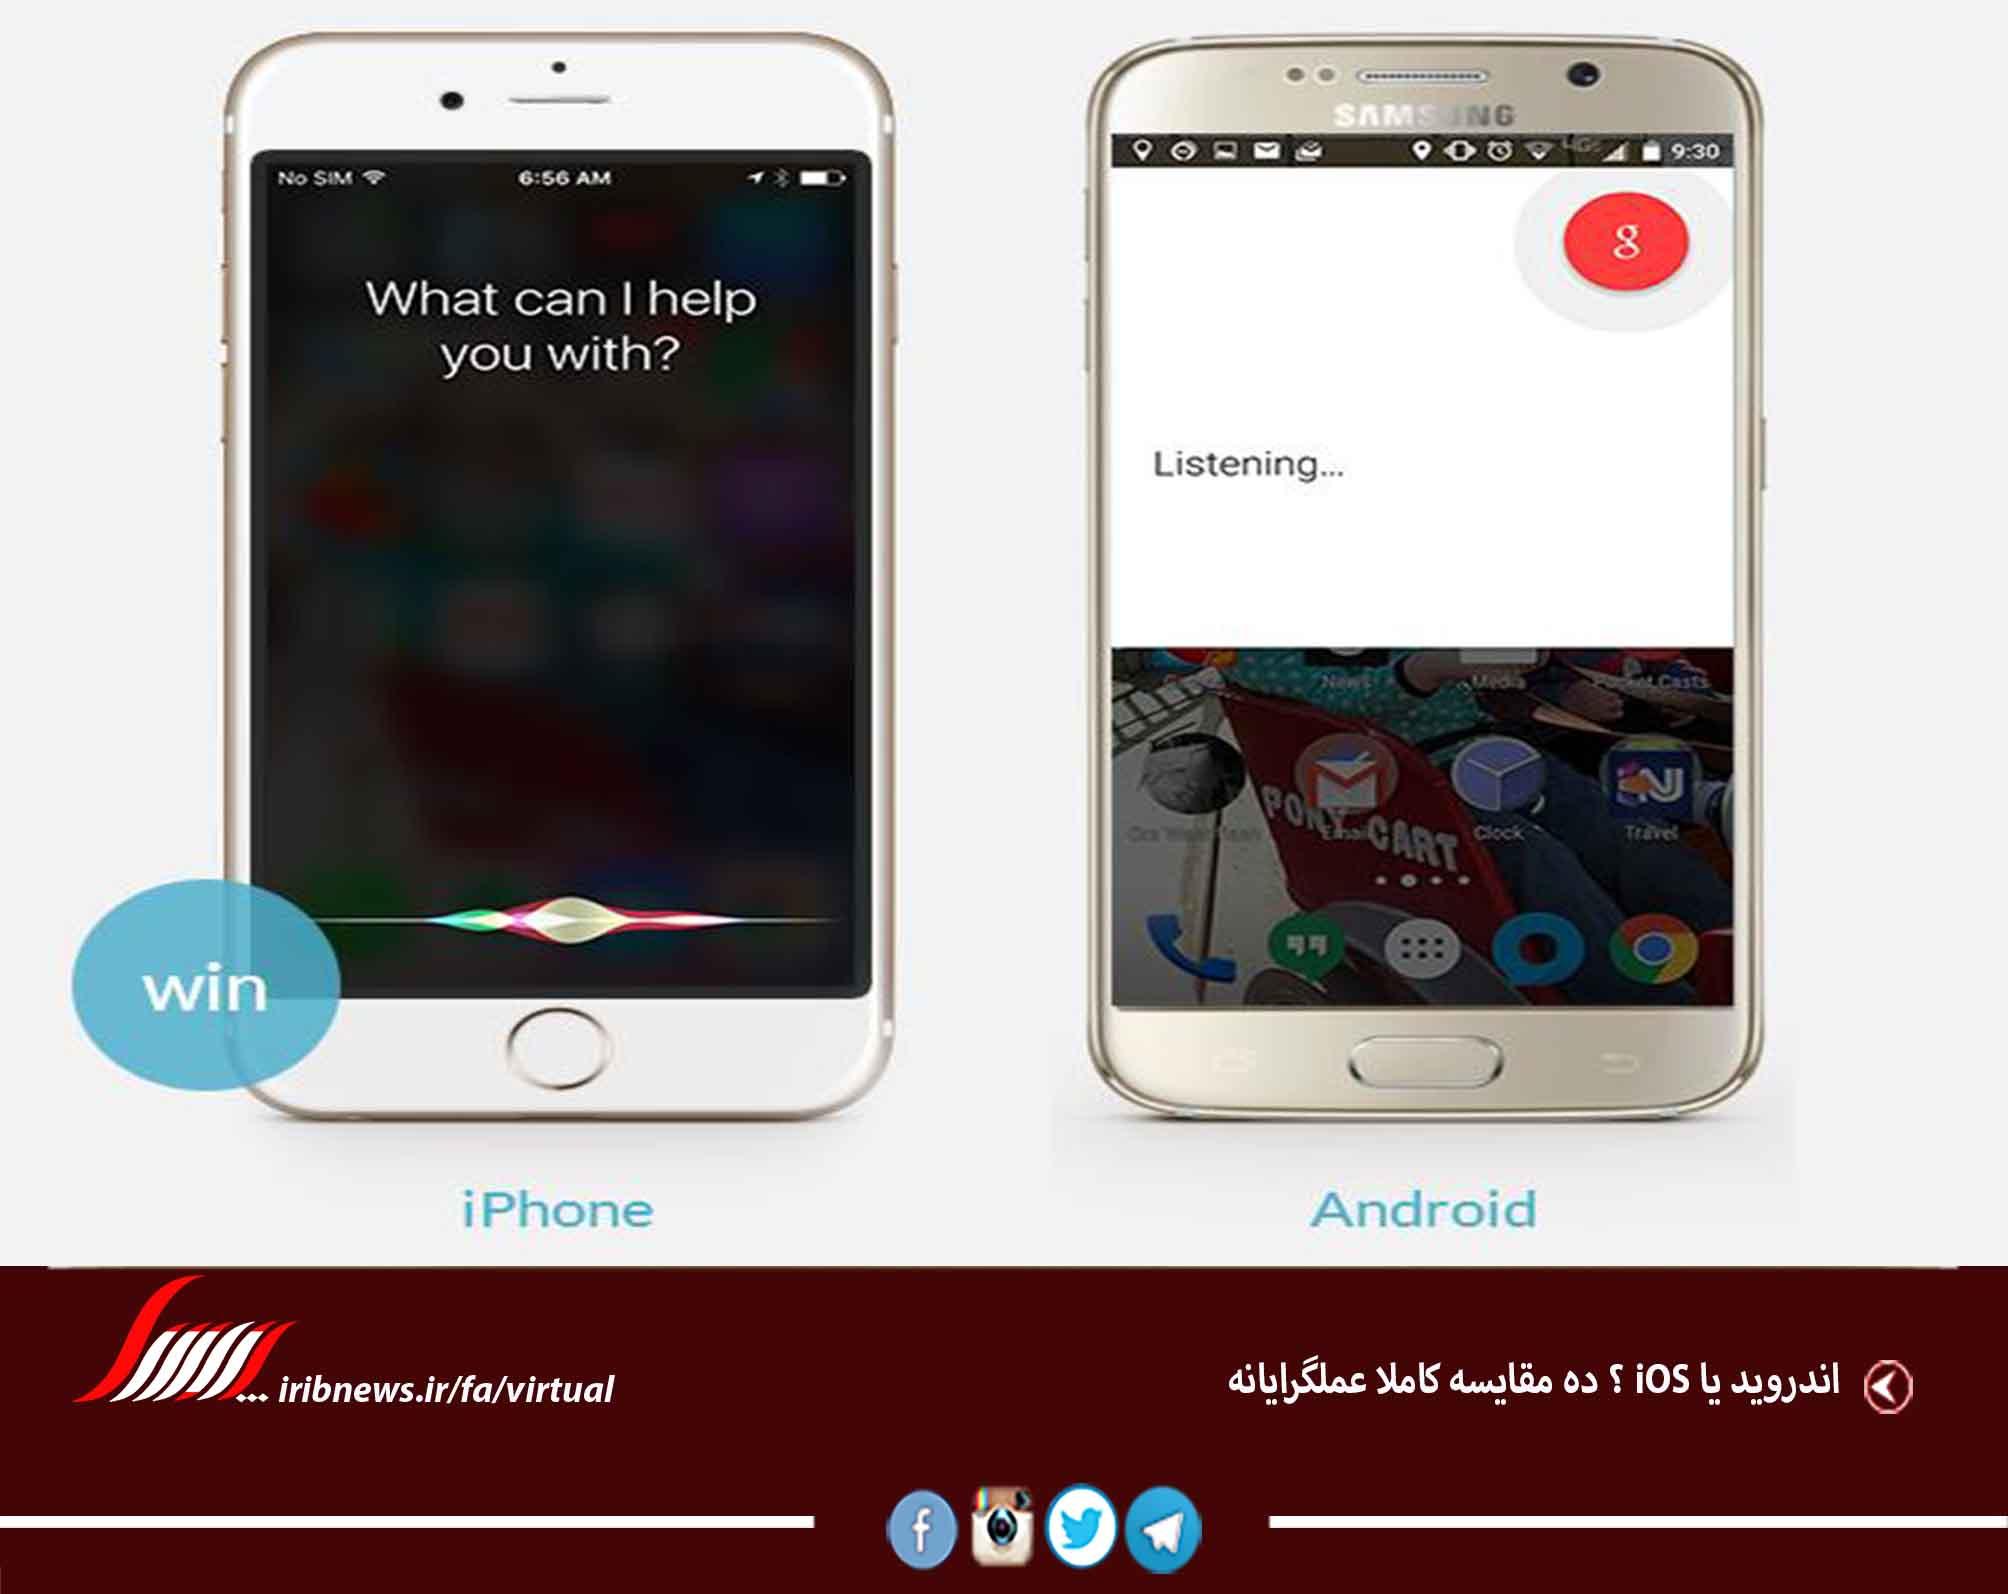 اندروید یا iOS ؟ ده مقایسه کاملا عملگرایانه